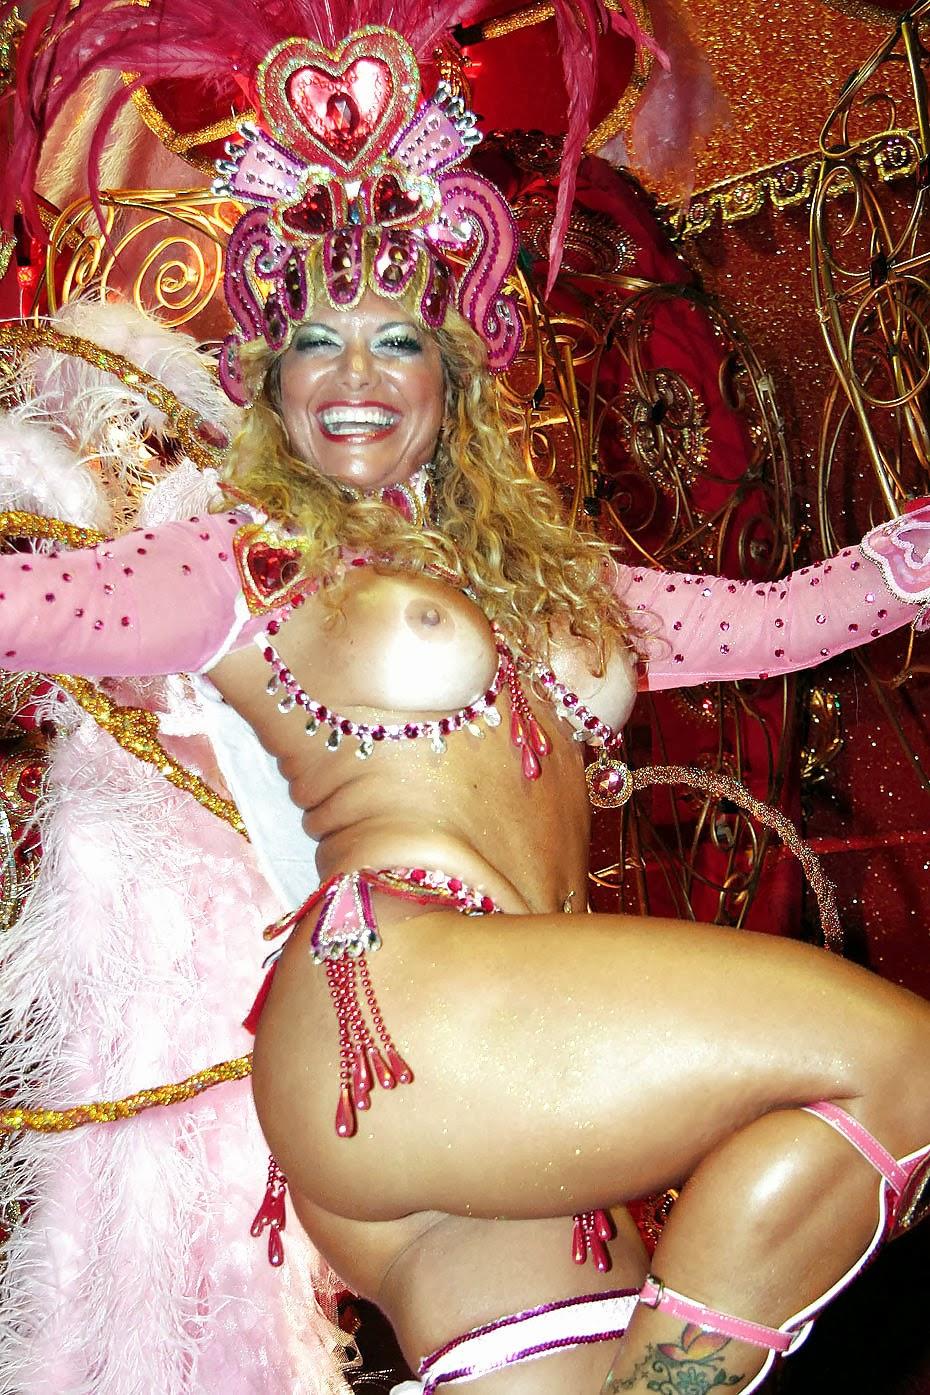 foto-porno-rio-karnaval